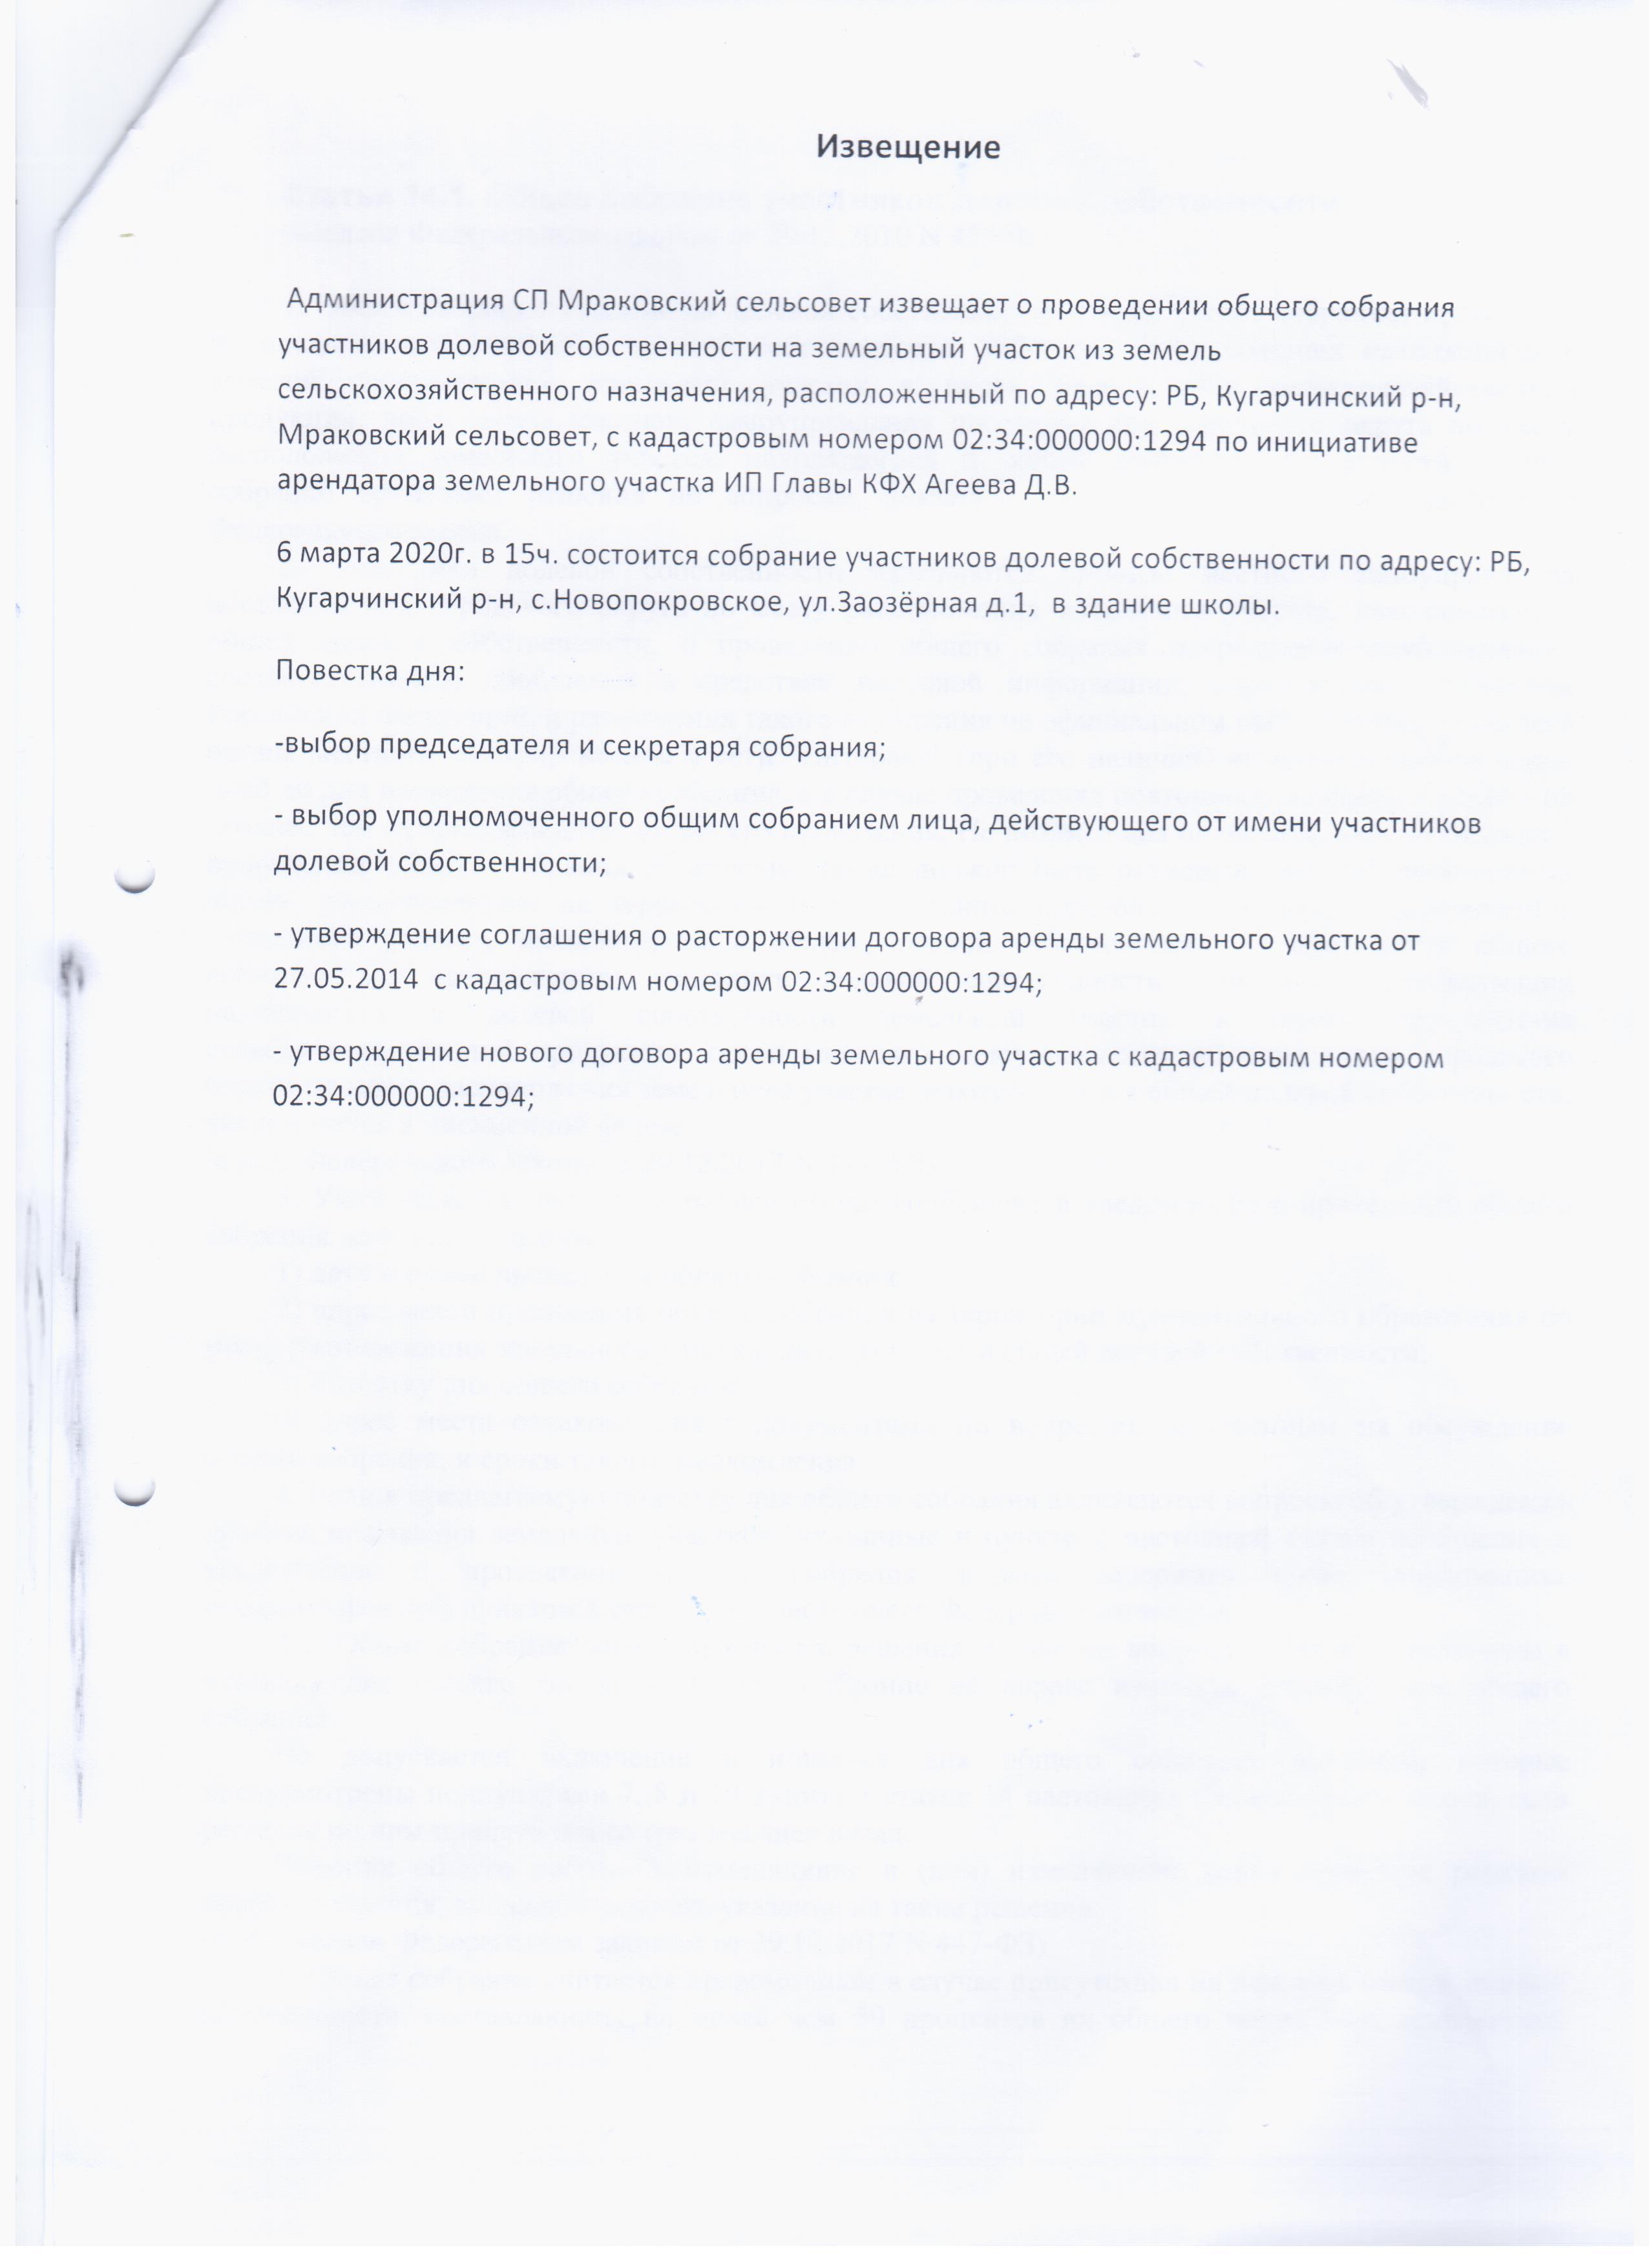 Извещение Агеев Д.В 001